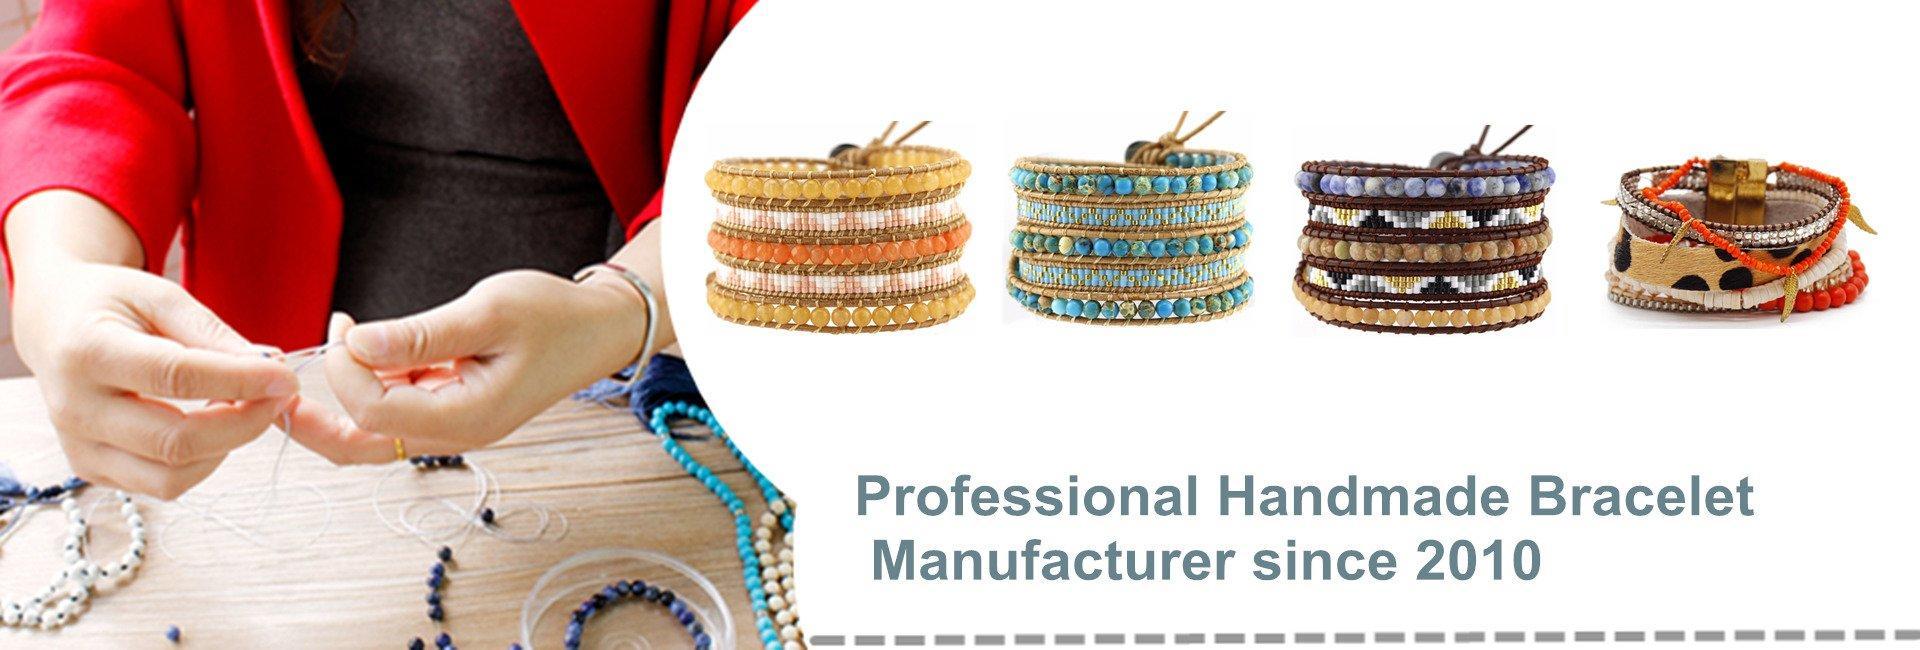 Handmade Bracelet Manufacturer